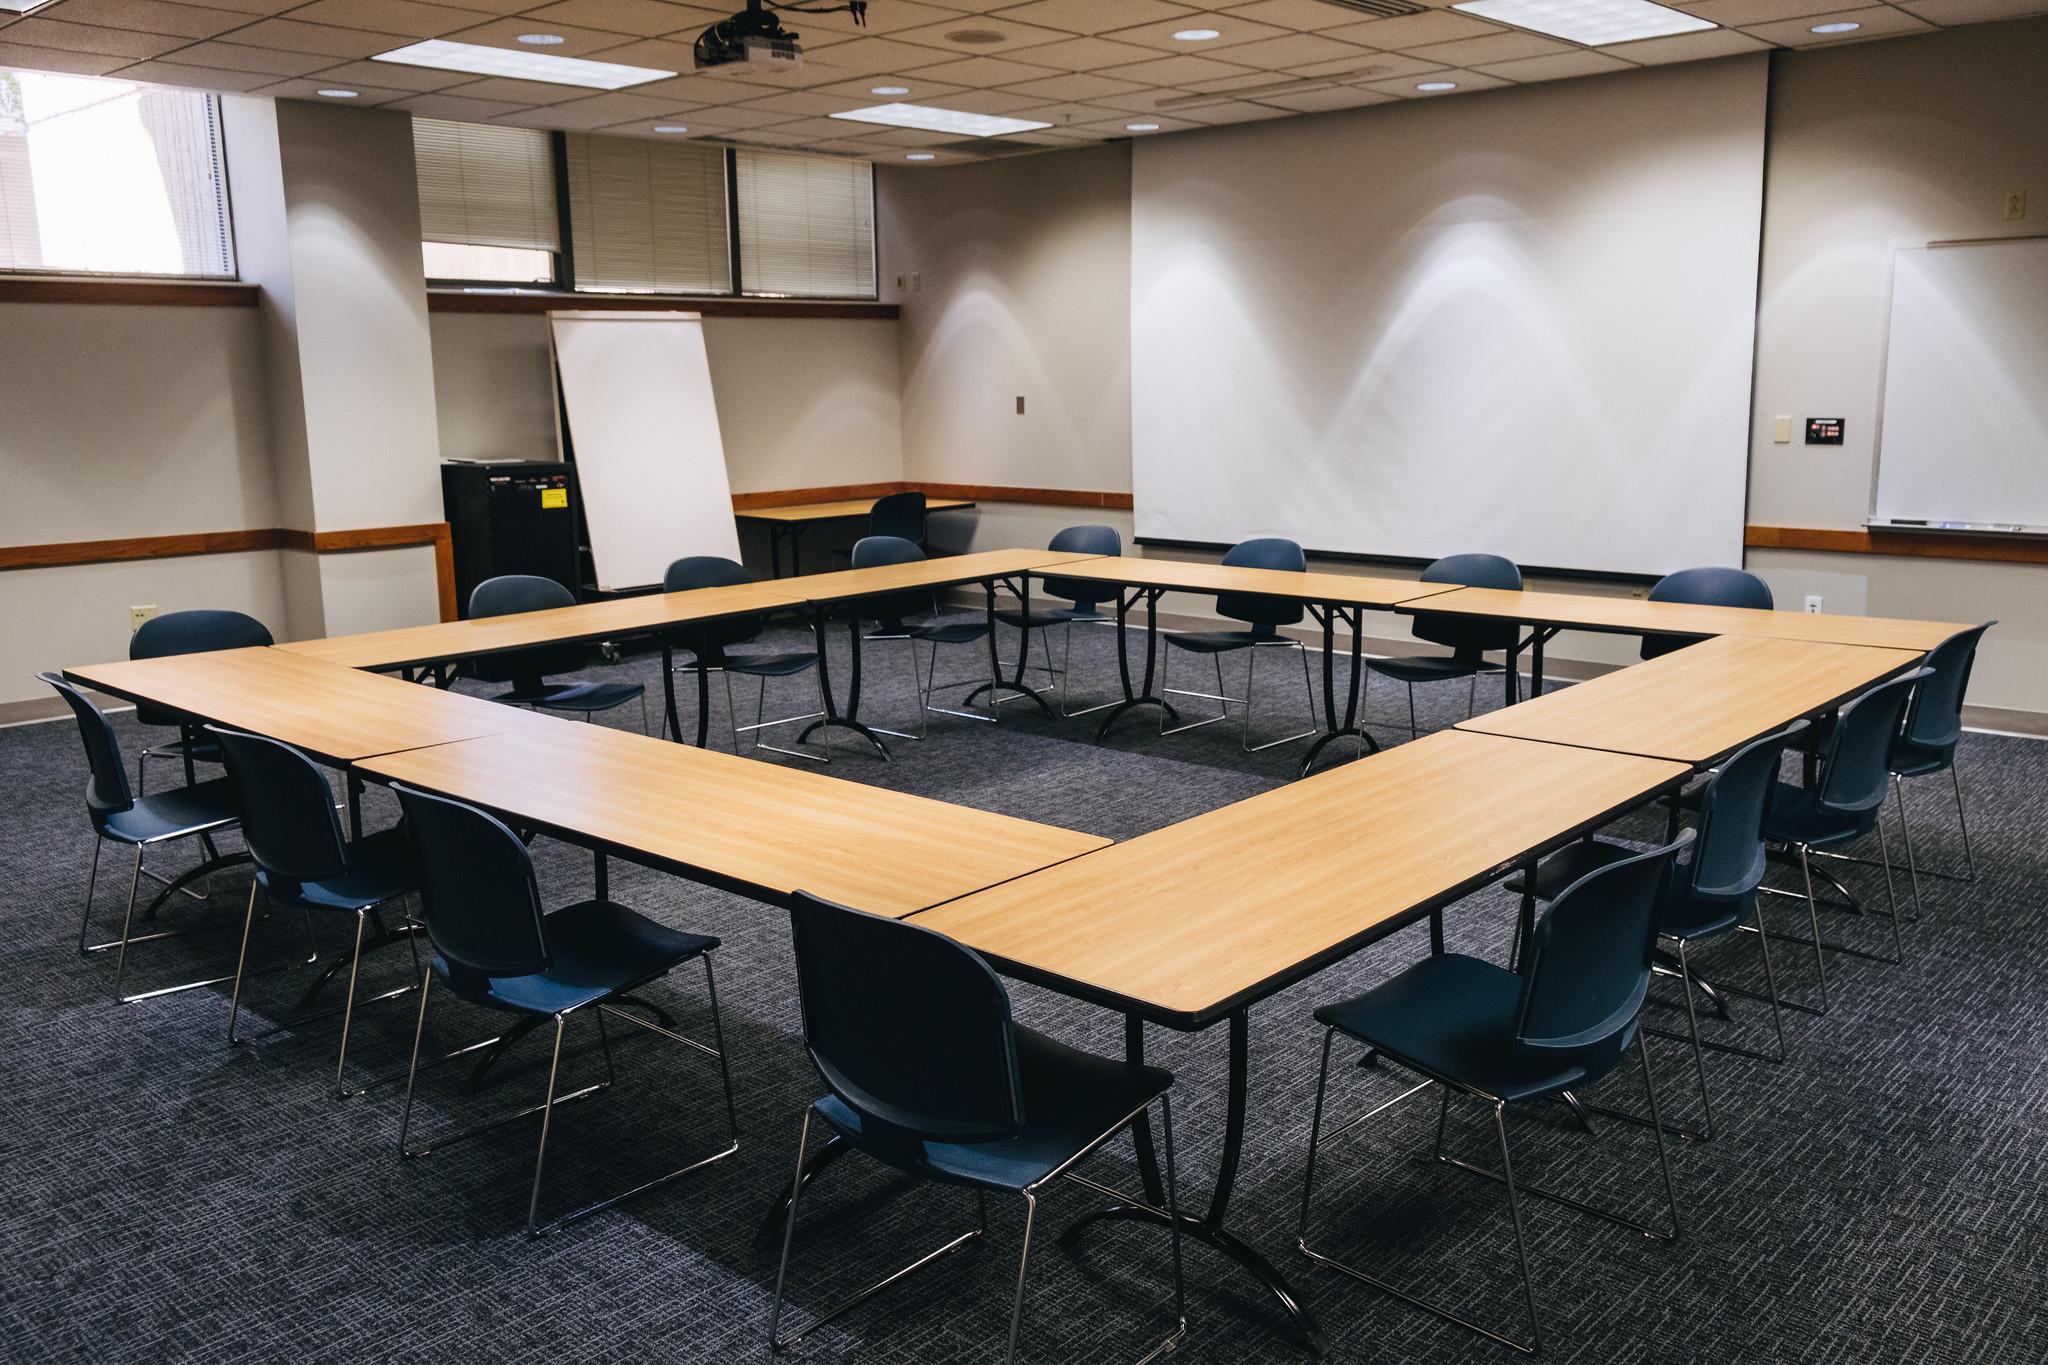 Meeting Room 1C